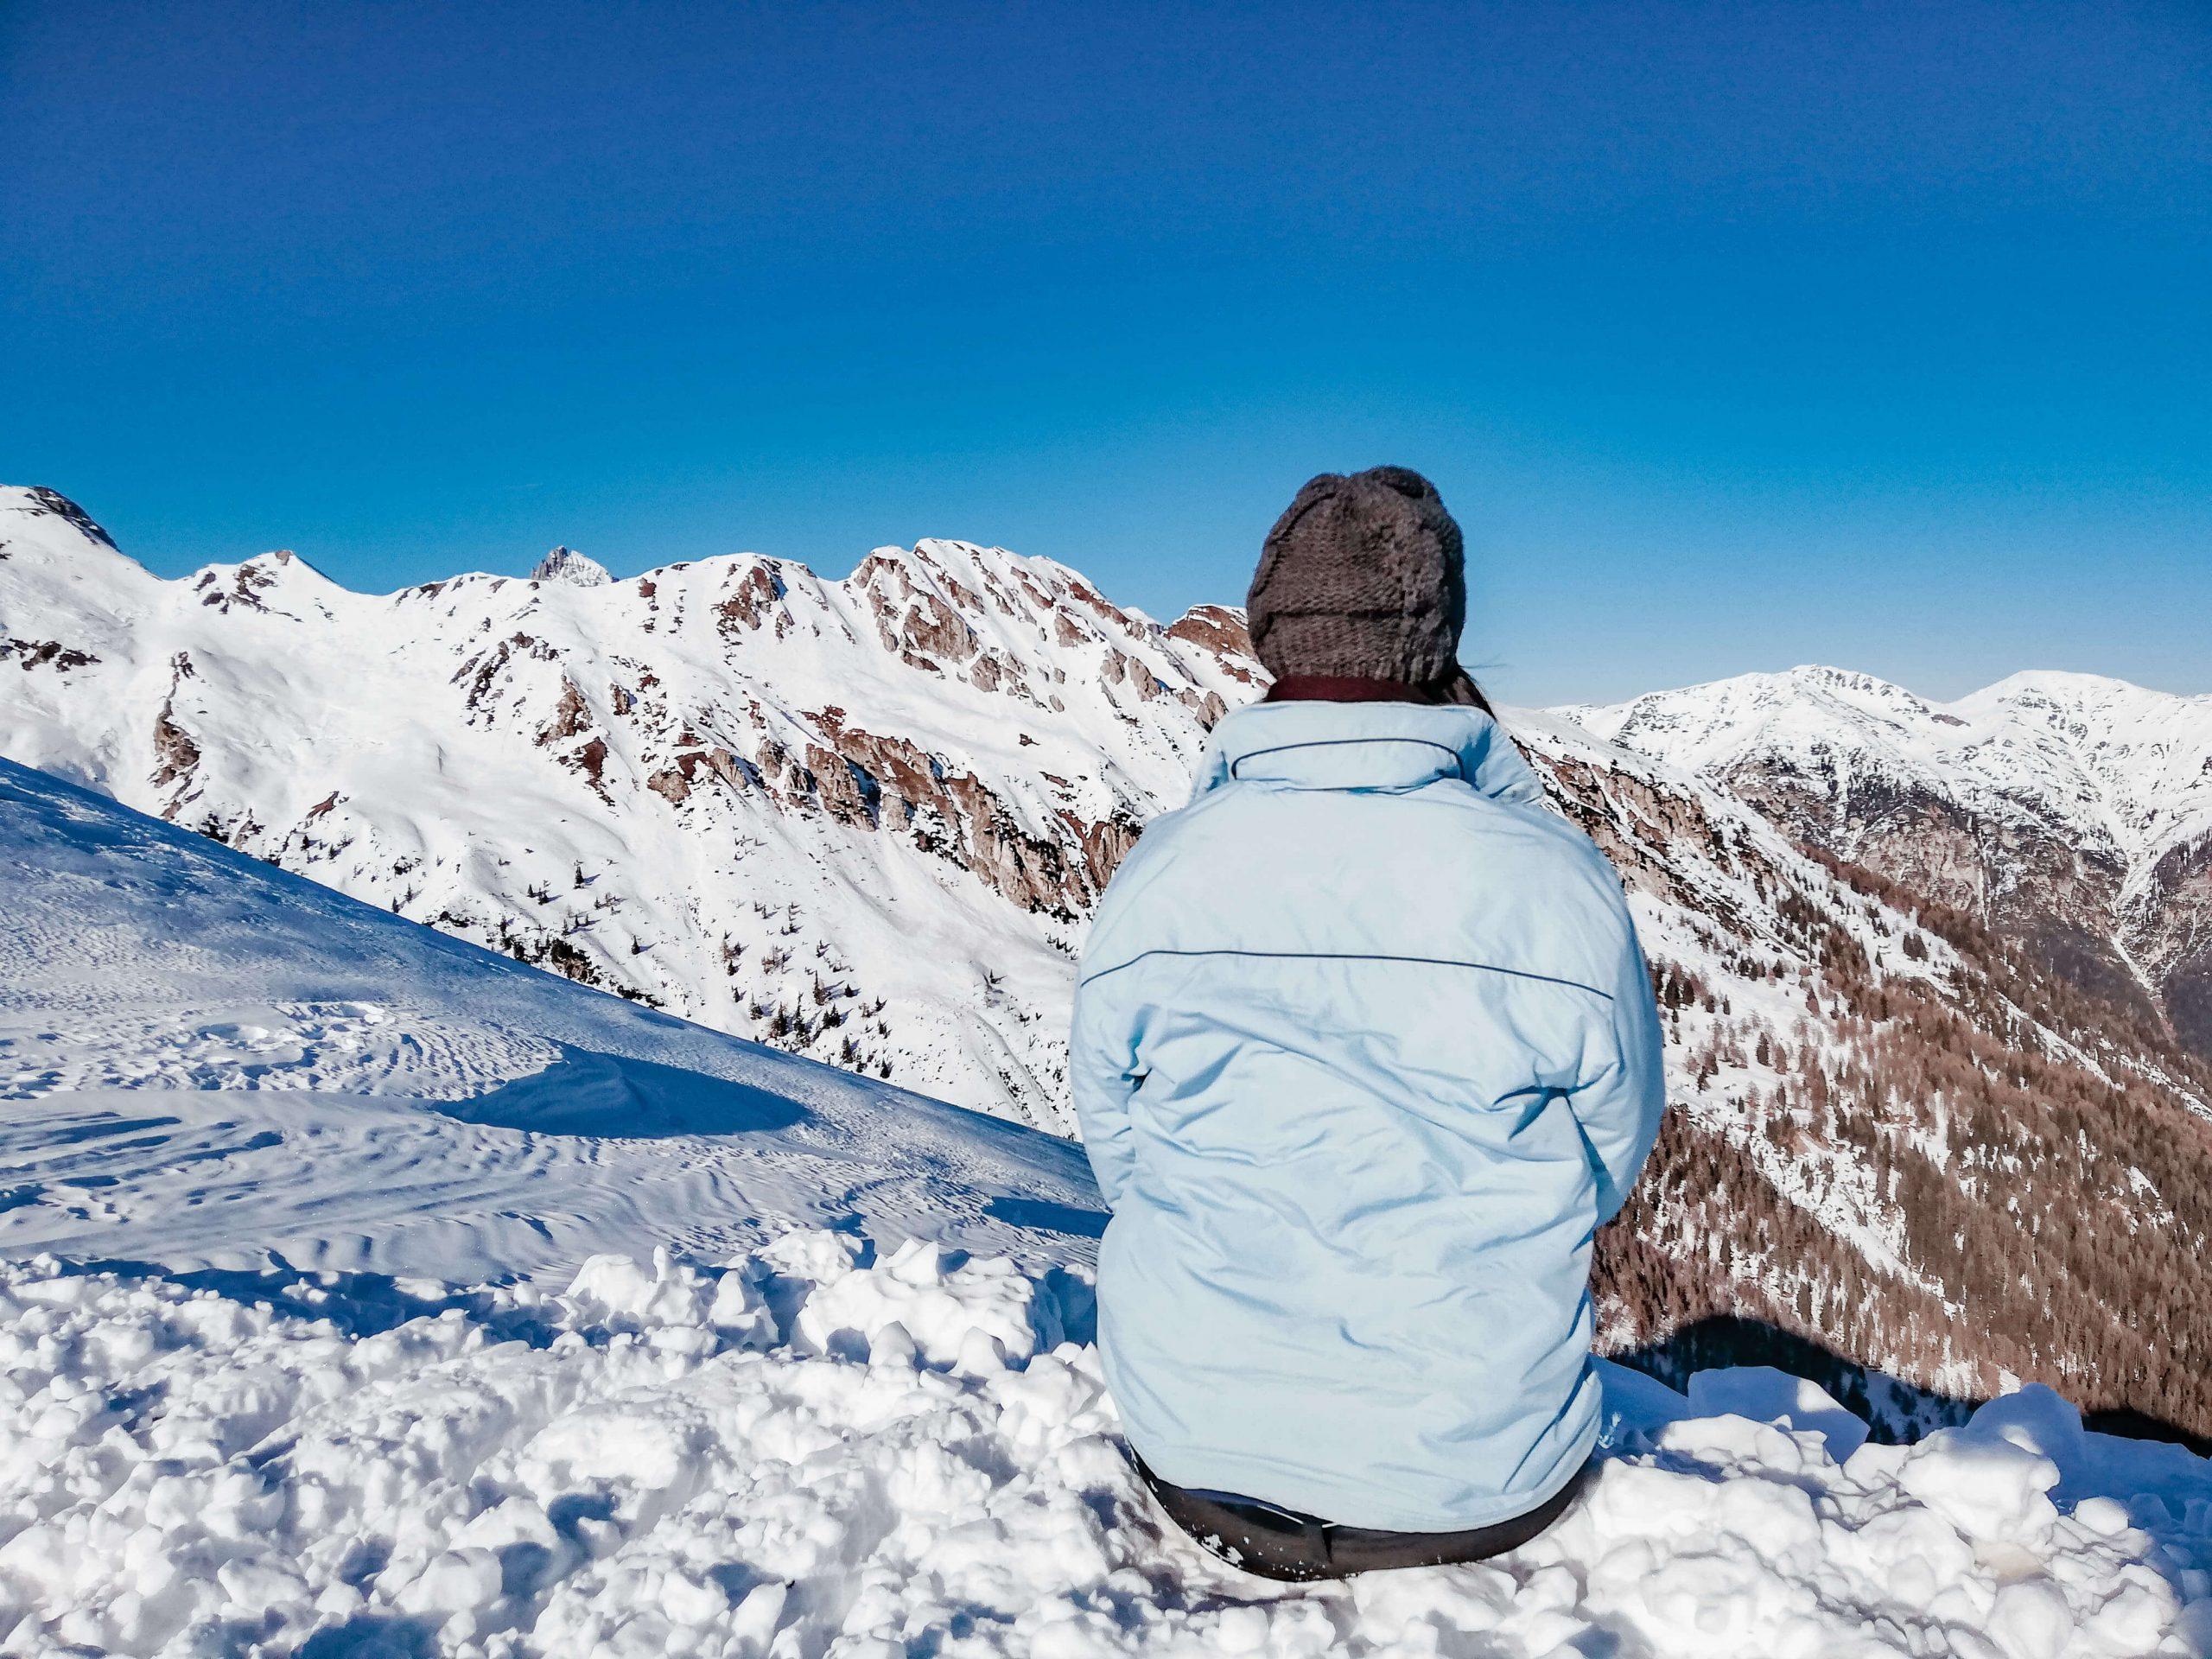 Winterurlaub Rosskopf Südtirol Ski fahren